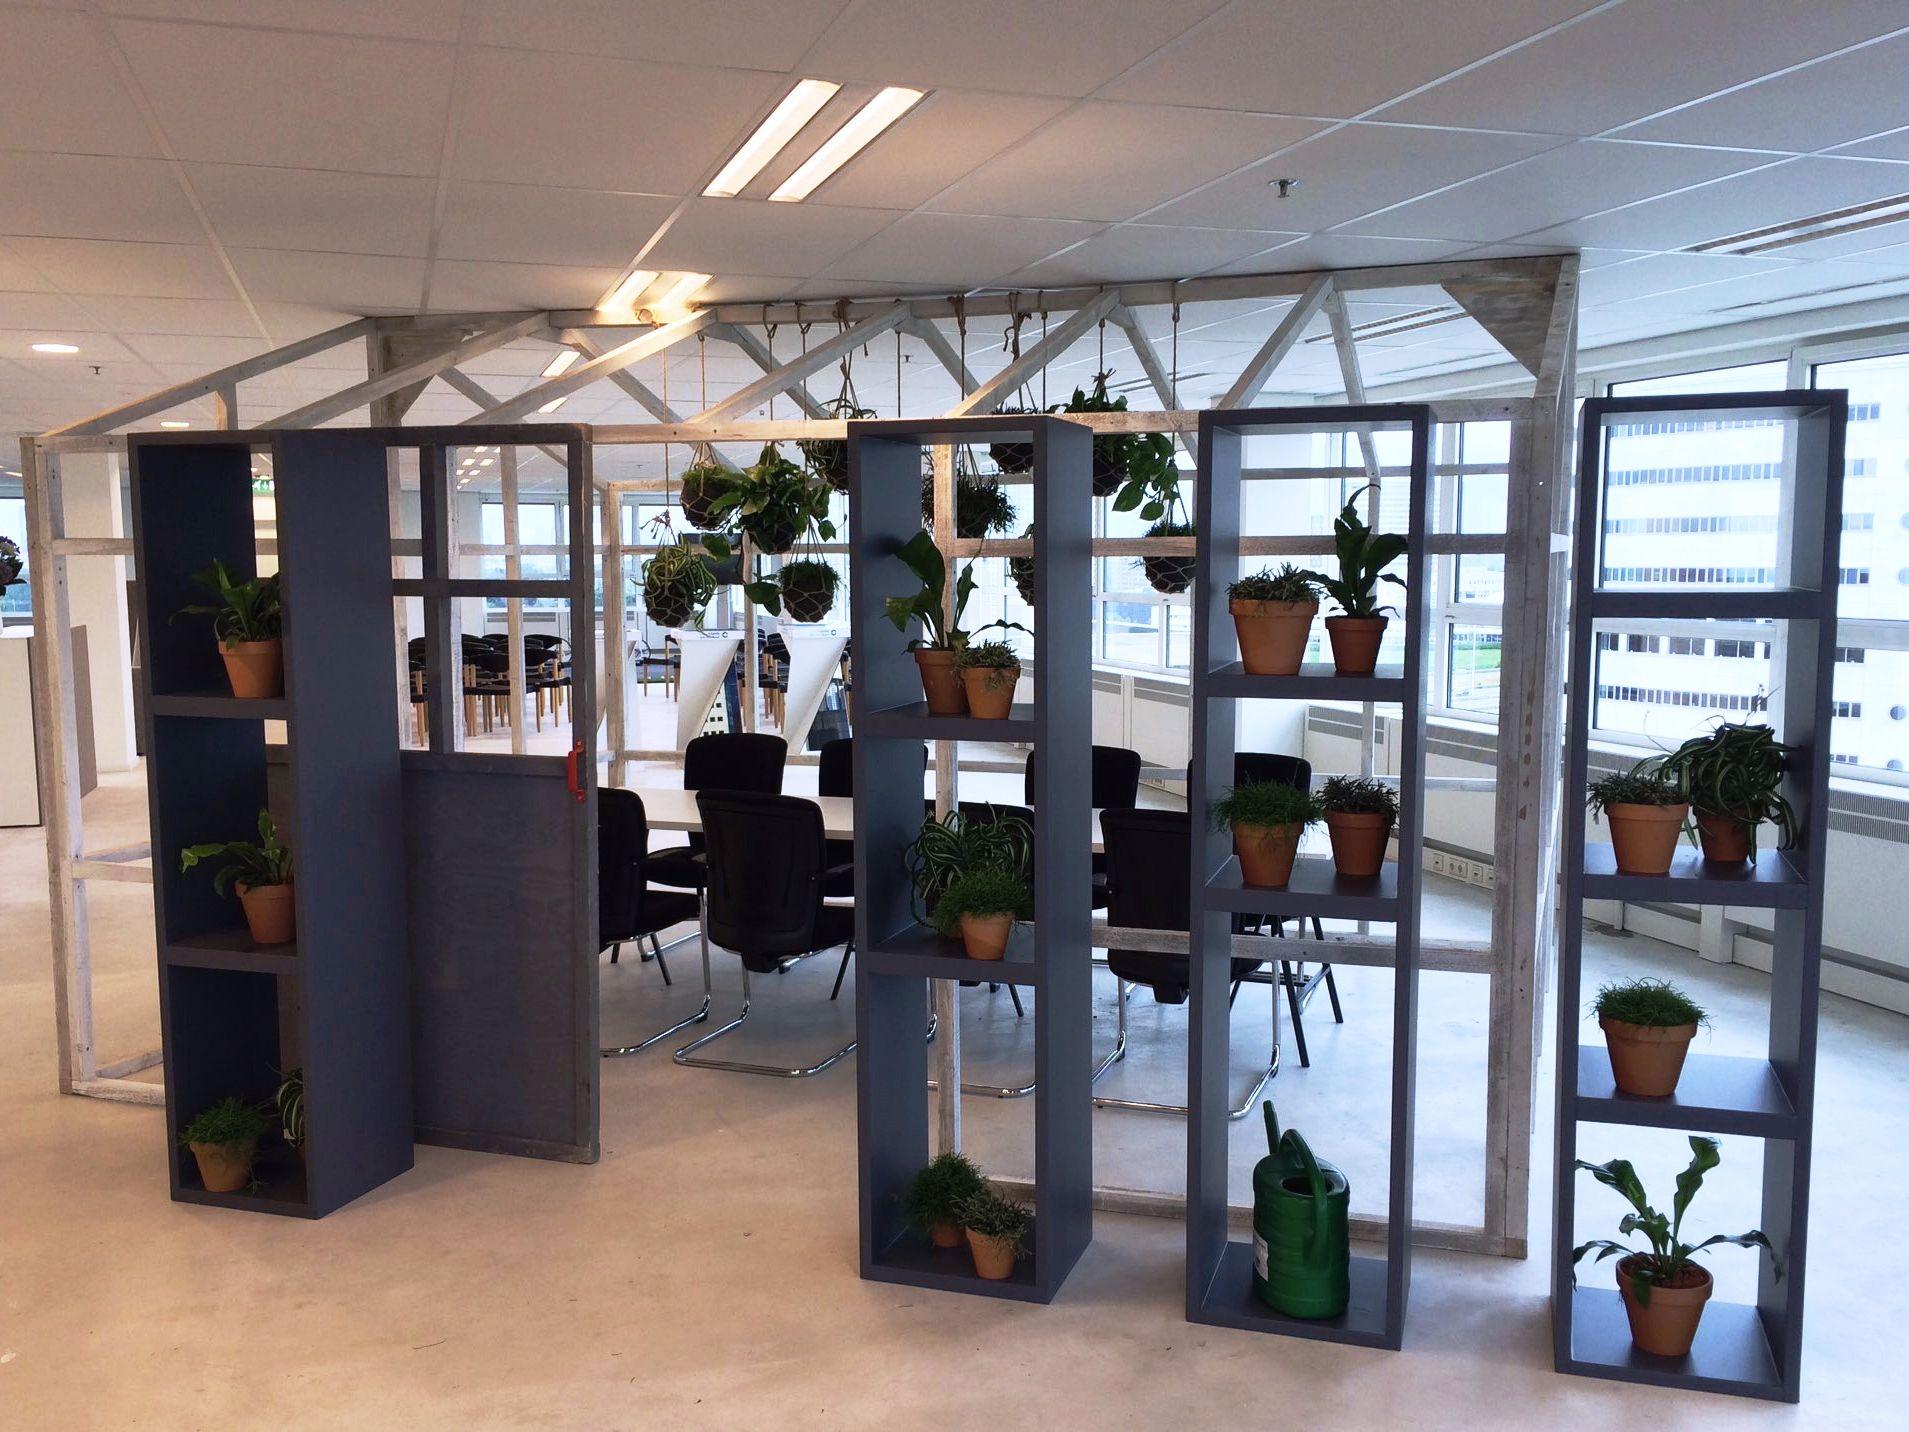 Interior Landscaping @ Rivium Rotterdam. Groene vergaderruimte.